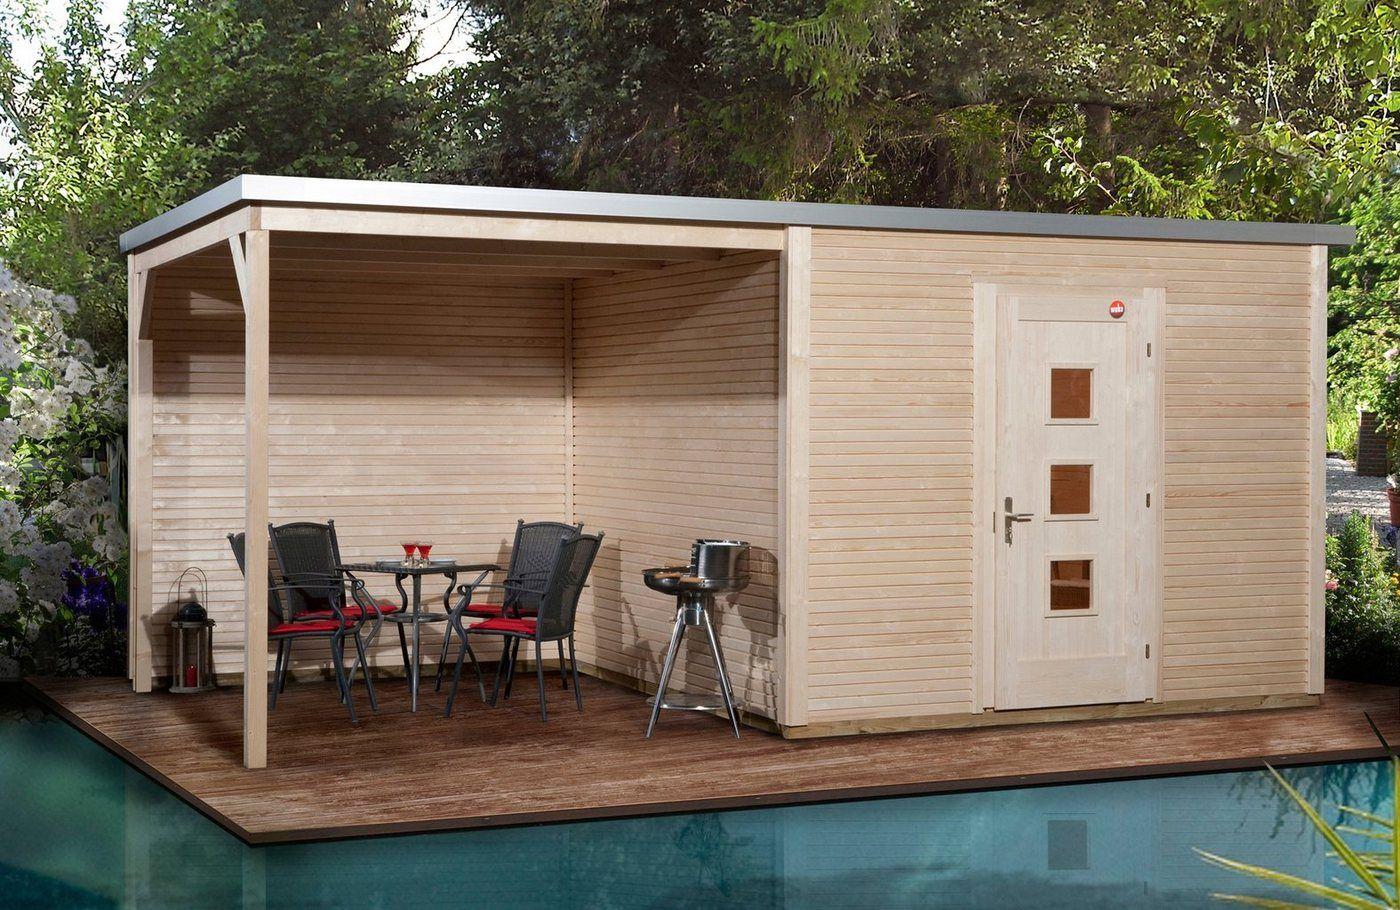 Gartenhaus, beige, Material Fichtenholz, weka